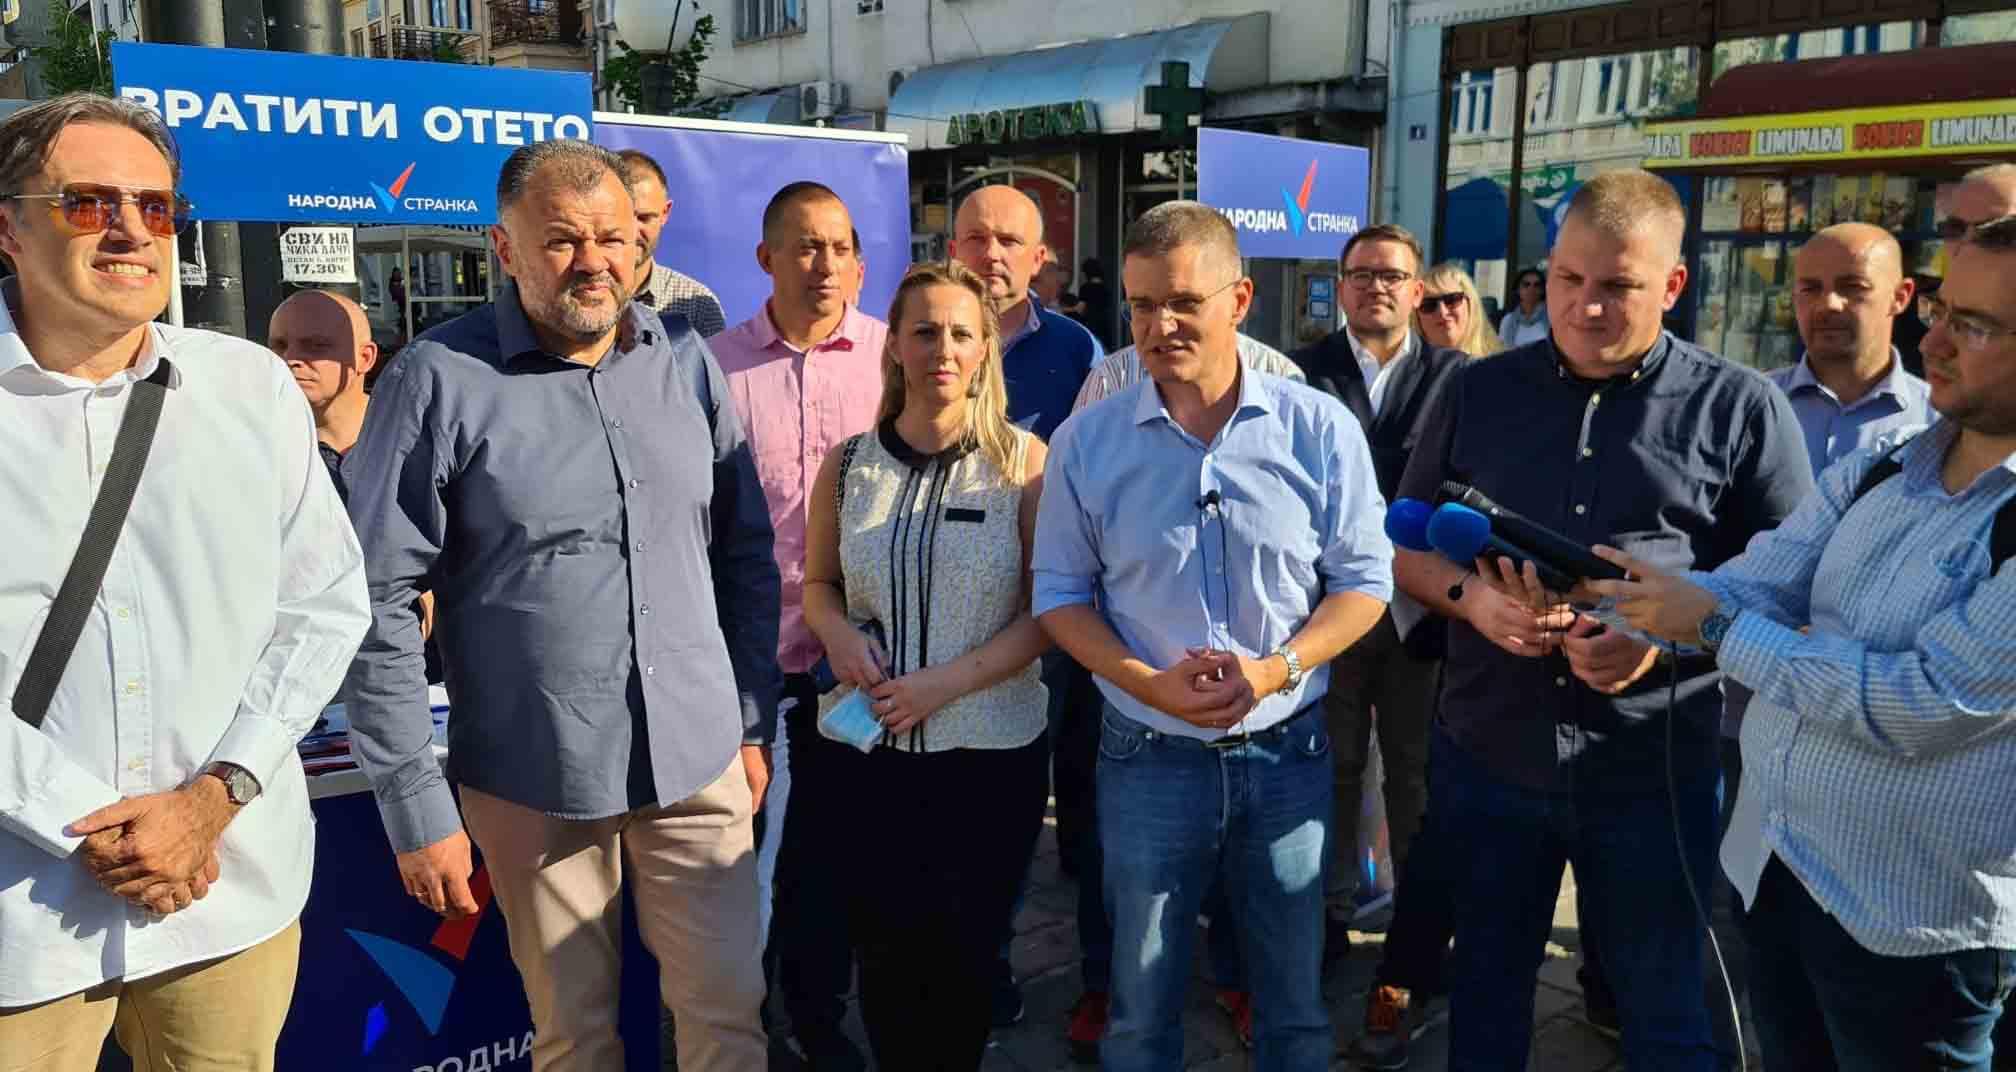 Епидемиолог Предраг Делић је нови повереник Народне странке за Крагујевац